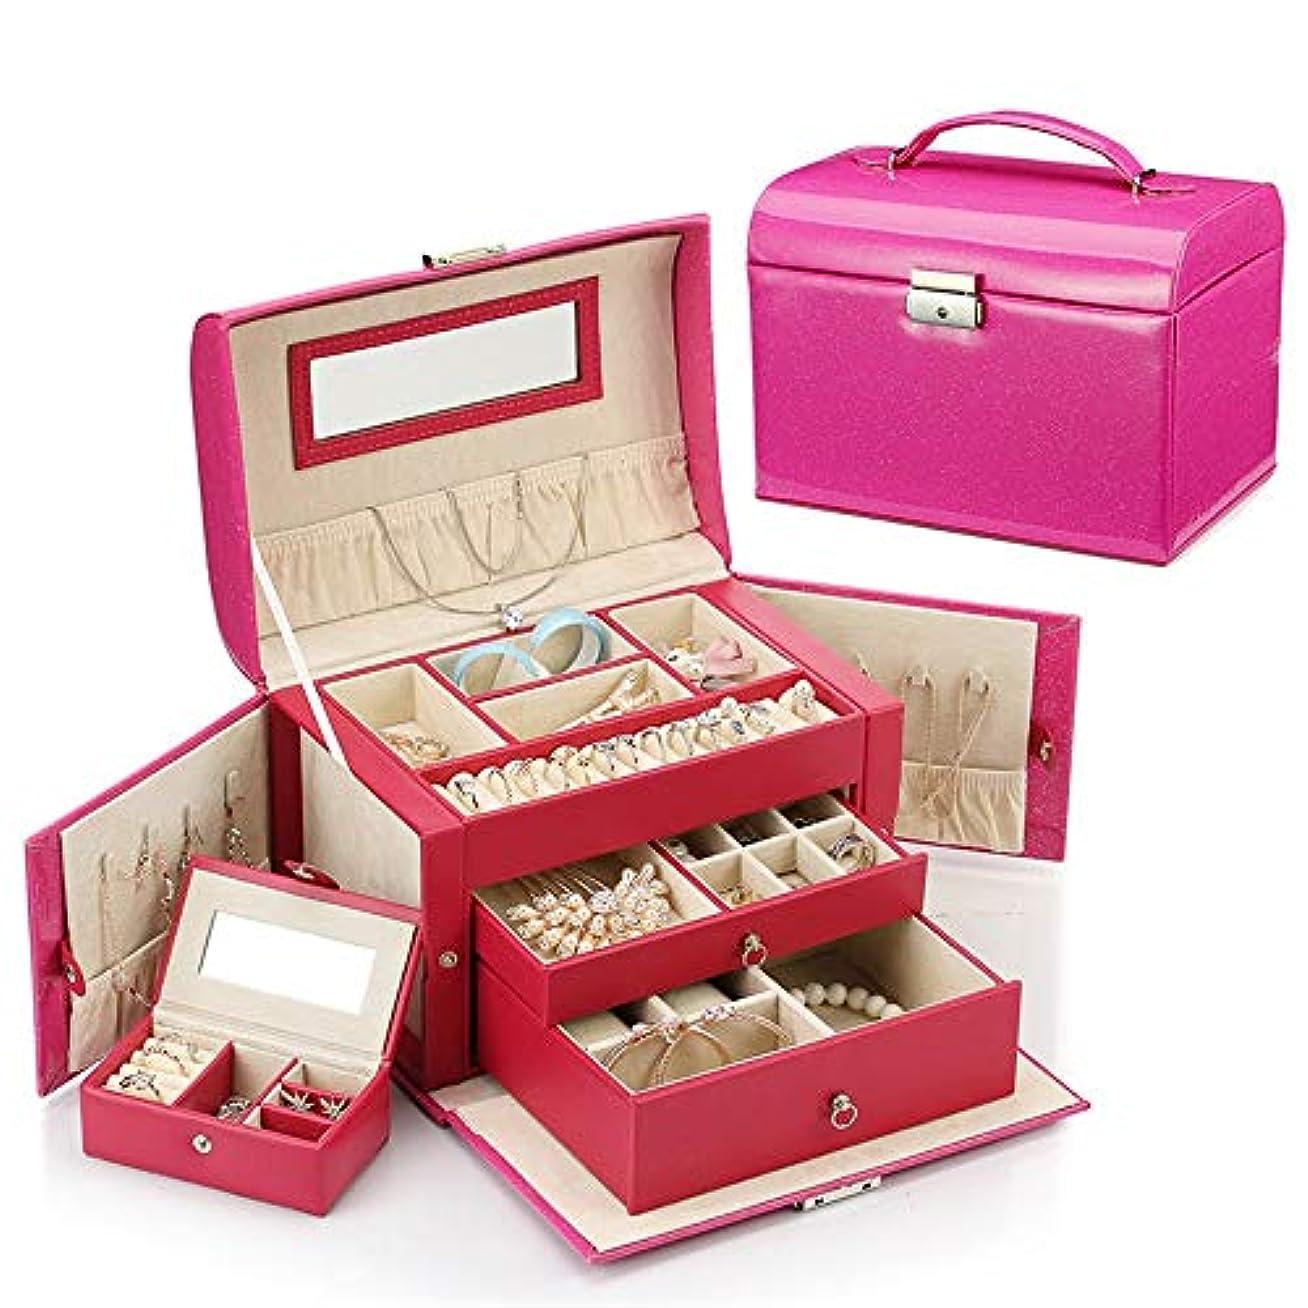 ダメージ特定の楽しむ化粧オーガナイザーバッグ 小さなアイテムのストレージのための丈夫な女性のジュエリーの収納ボックス 化粧品ケース (色 : ローズレッド)